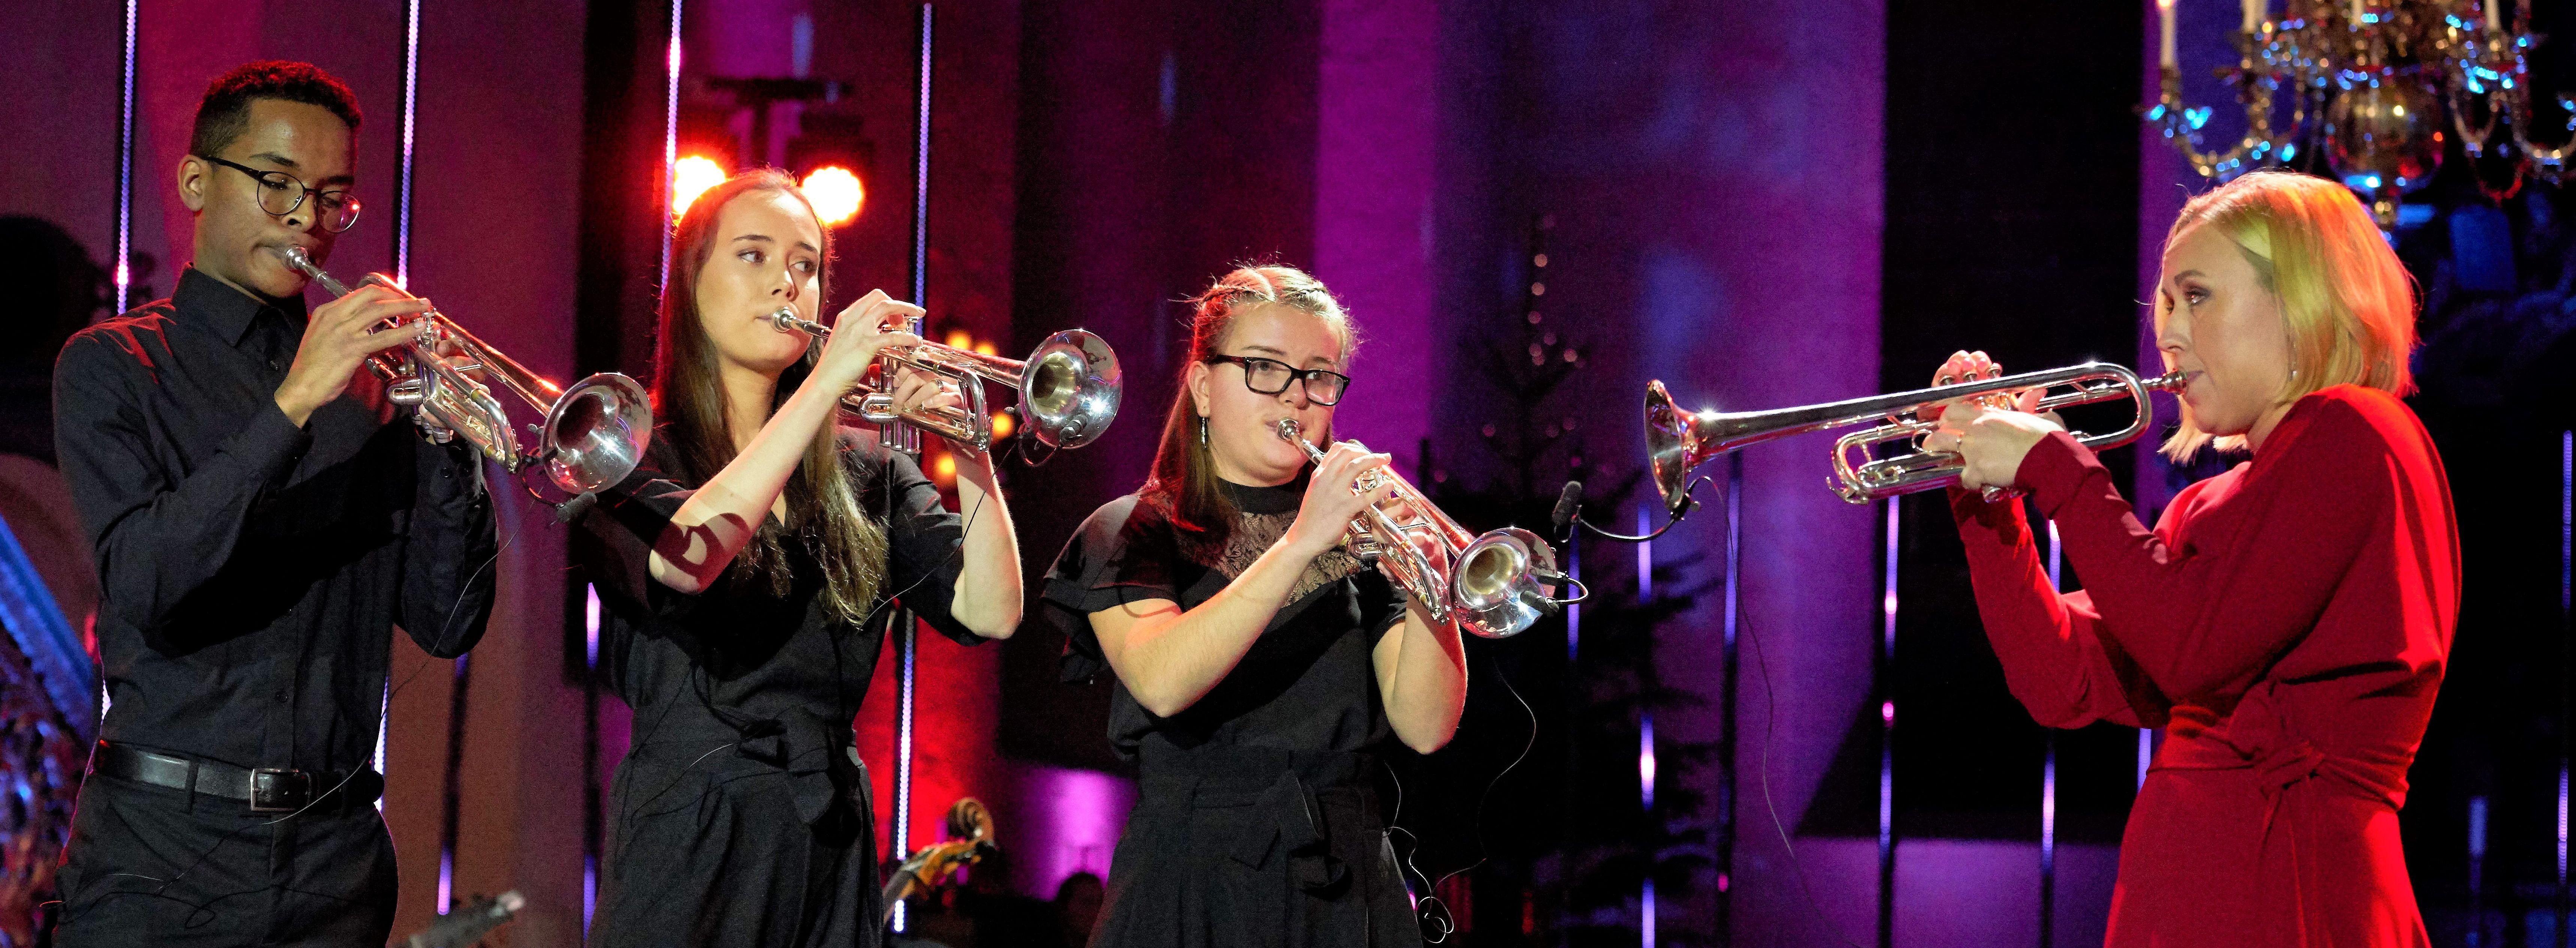 Tine Thing Helseth og talenter opptrer på Desembertoner 2018.